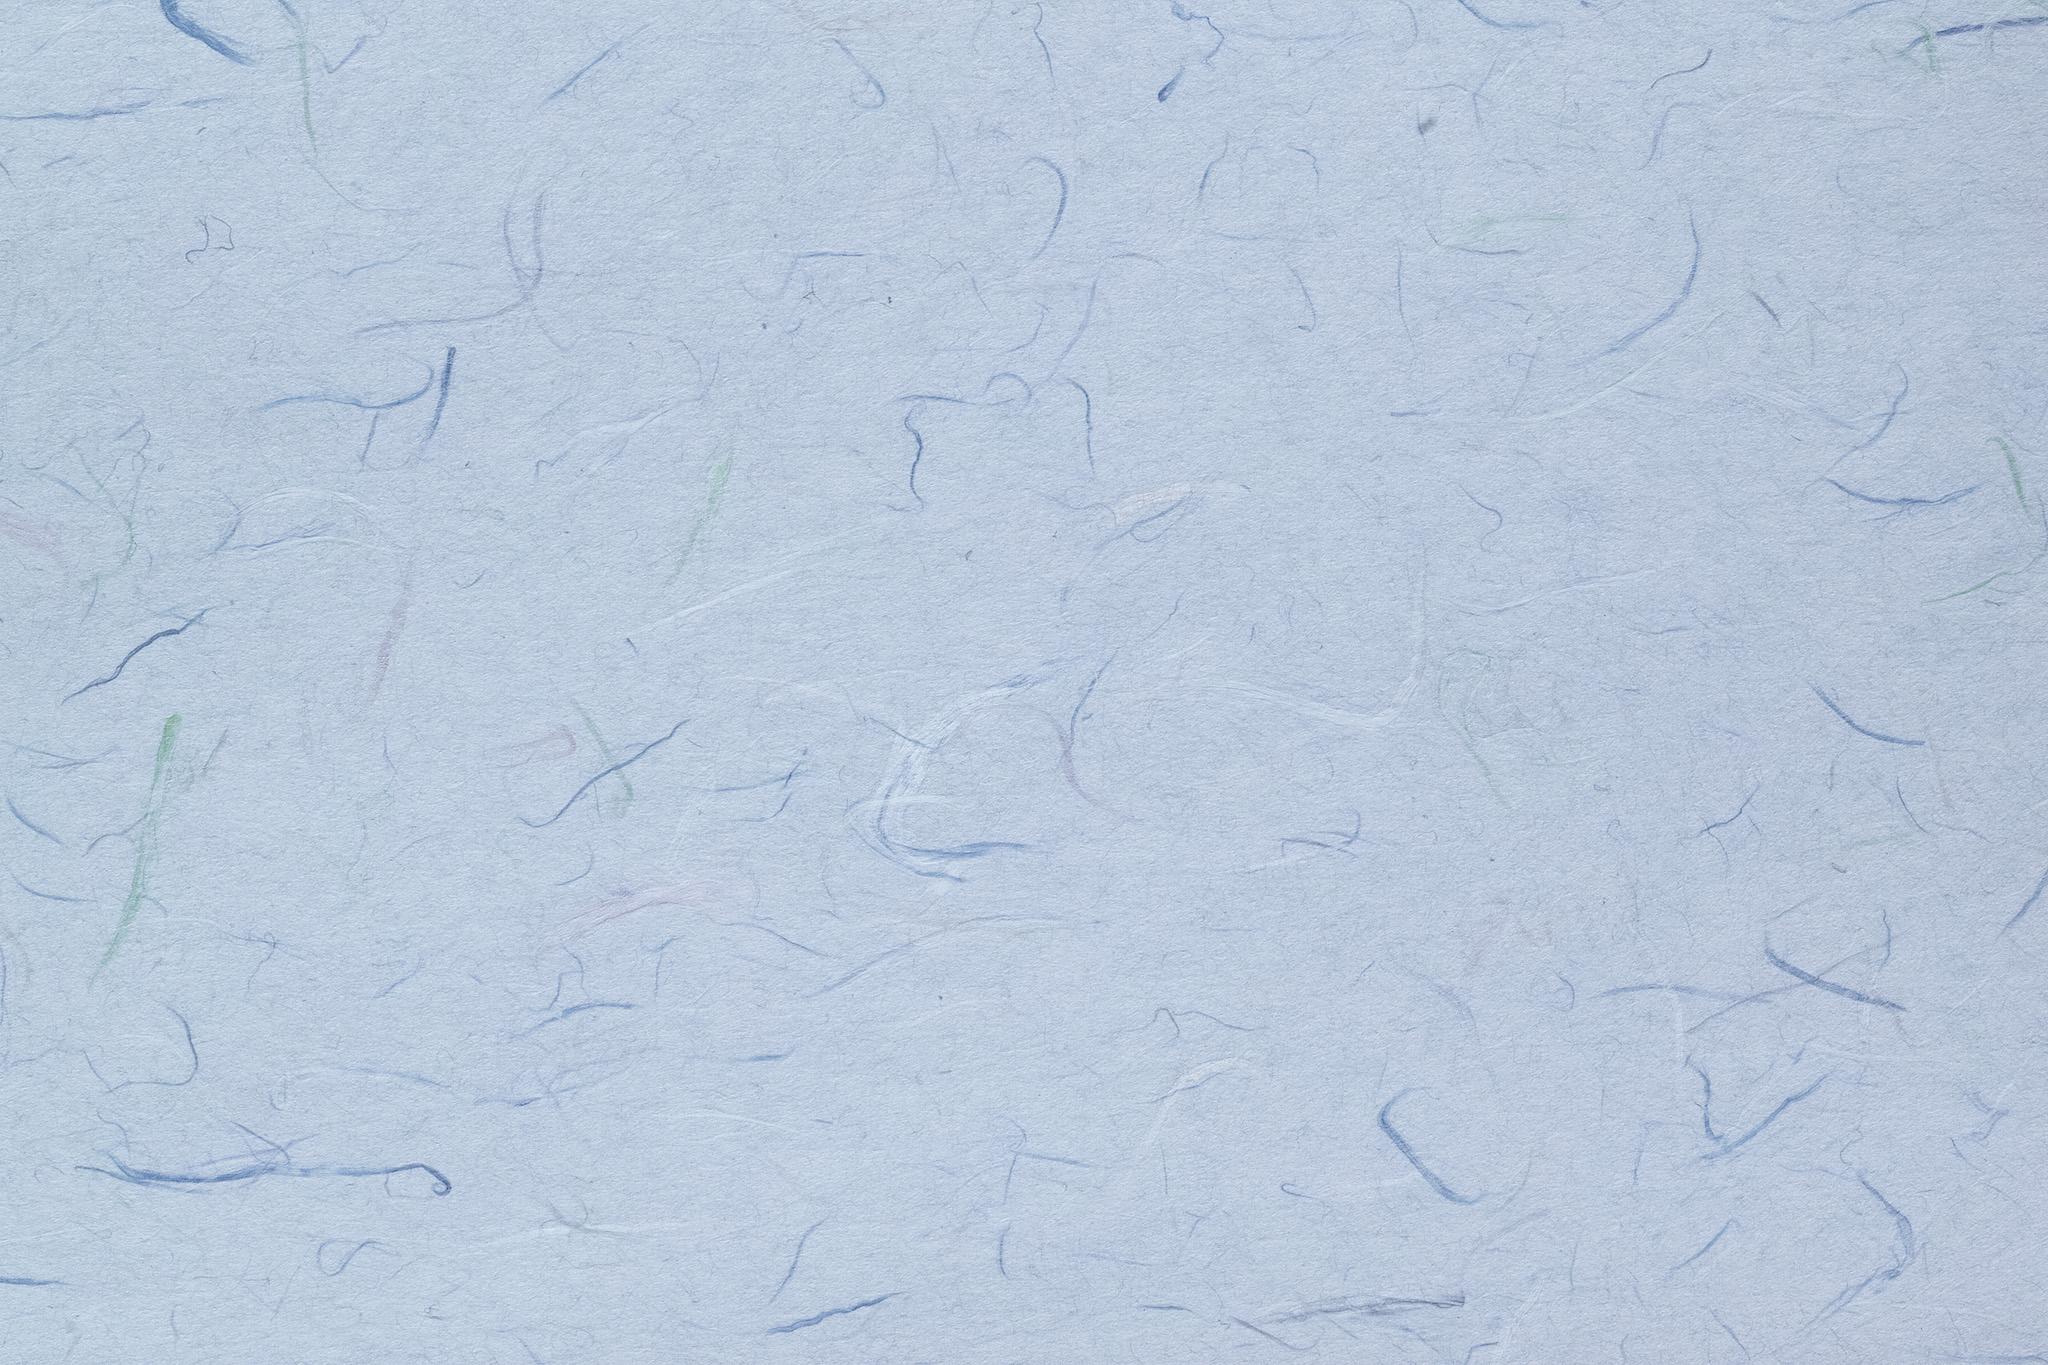 「色付楮が入った青藤色の和紙」の背景を無料ダウンロード